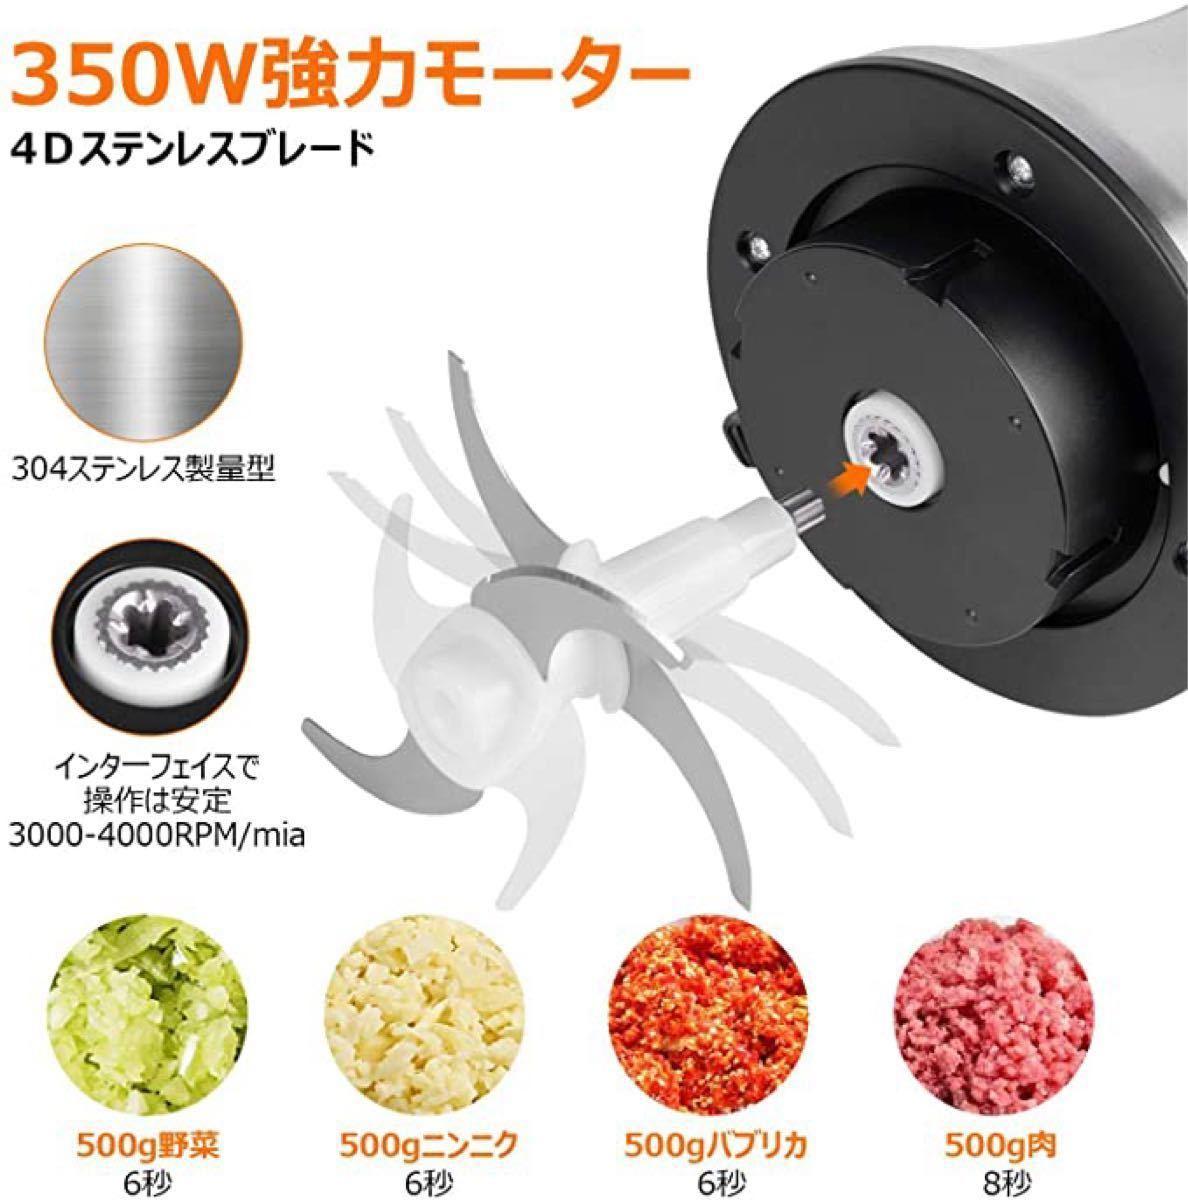 フードプロセッサー チョッパー みじん切り器 350Wハイパワー 急速きざむ 一台多役 粉砕可能 水洗い可能 コンパクト